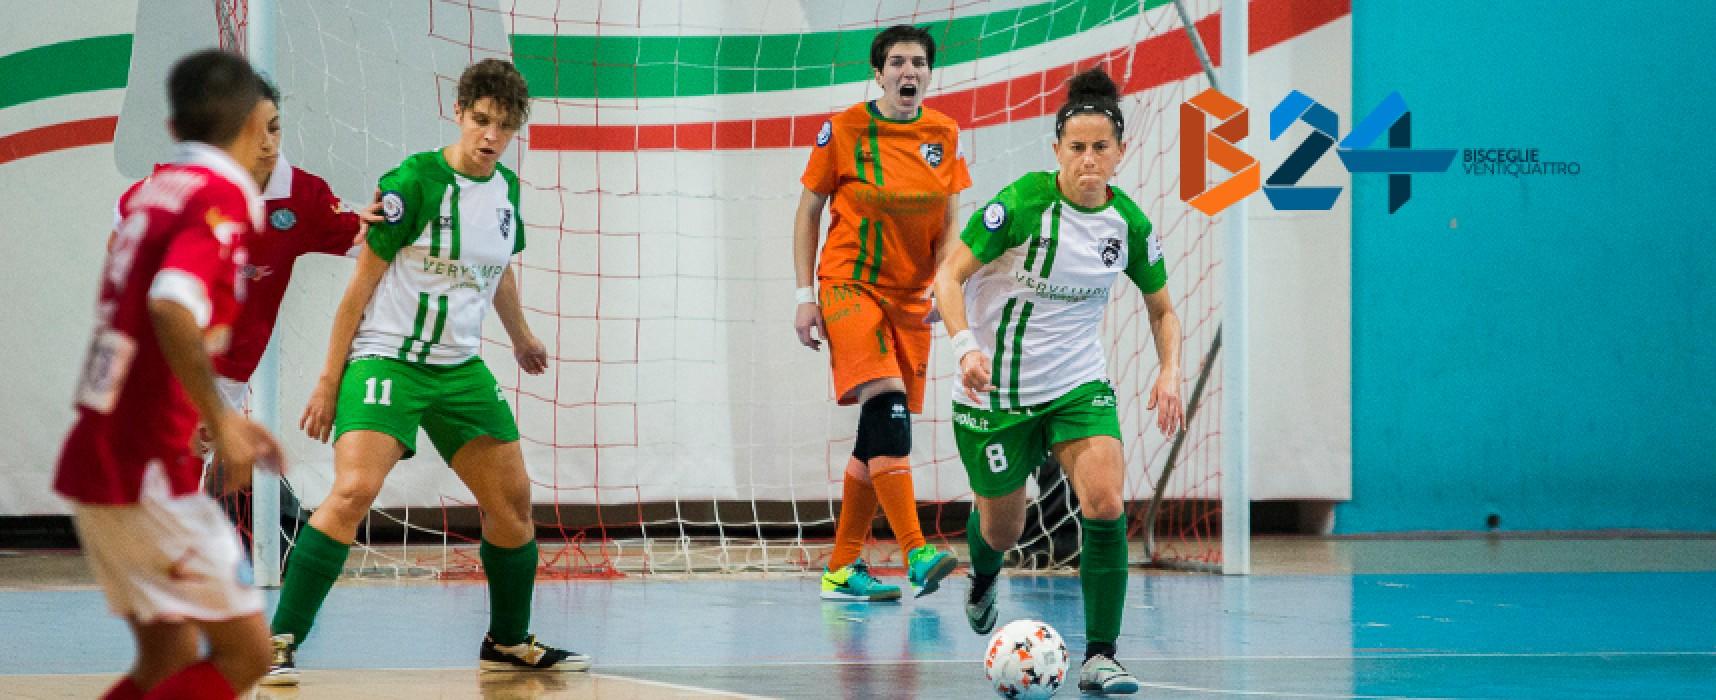 Calcio a 5 femminile, Arcadia a caccia dell'impresa a Colleferro, impegno casalingo per il Futsal Bisceglie